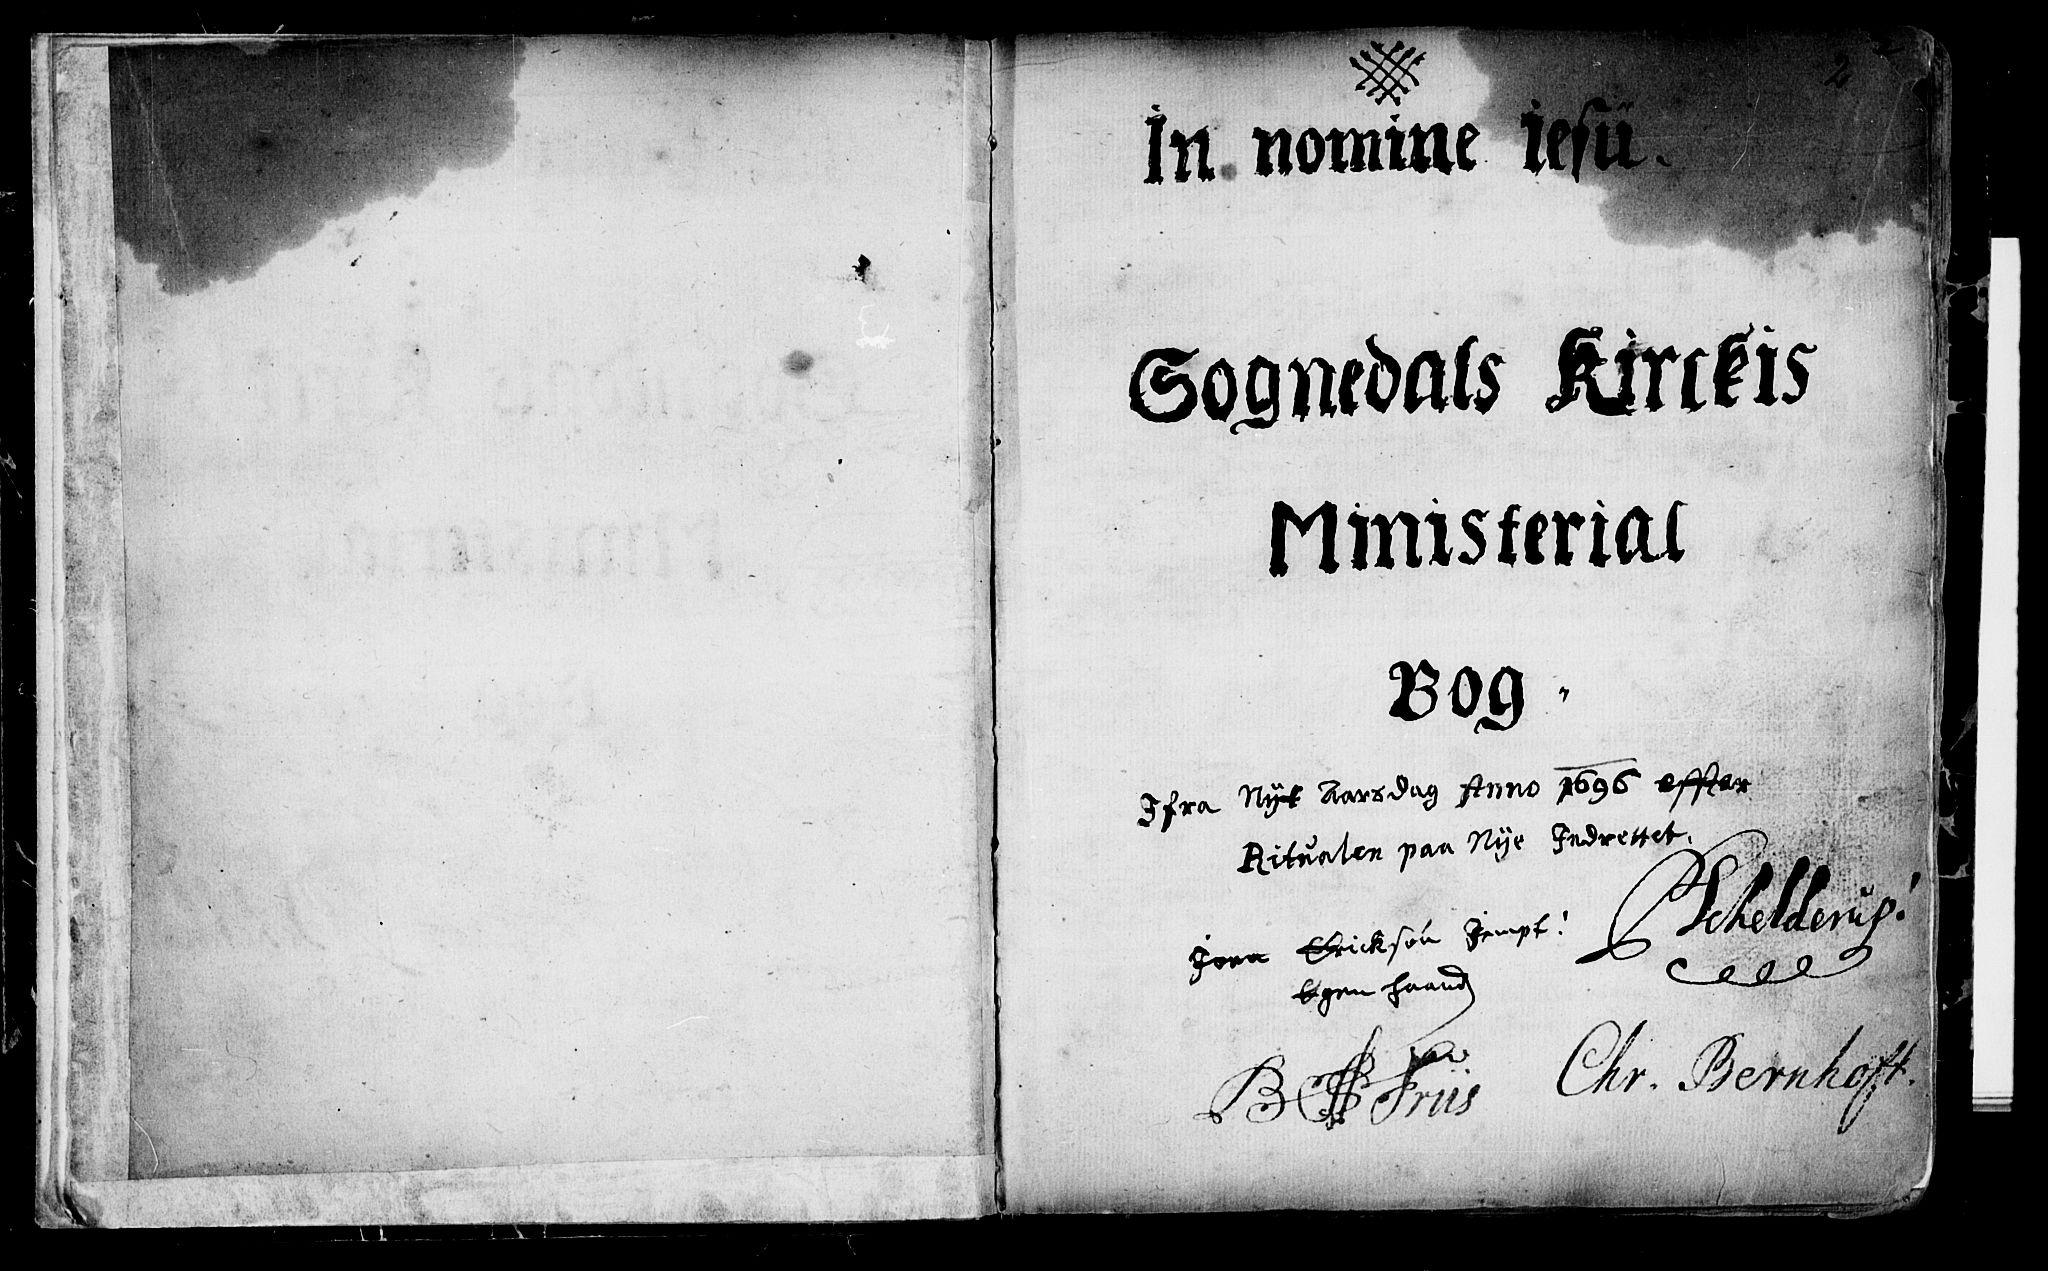 SAT, Ministerialprotokoller, klokkerbøker og fødselsregistre - Sør-Trøndelag, 689/L1036: Ministerialbok nr. 689A01, 1696-1746, s. 2